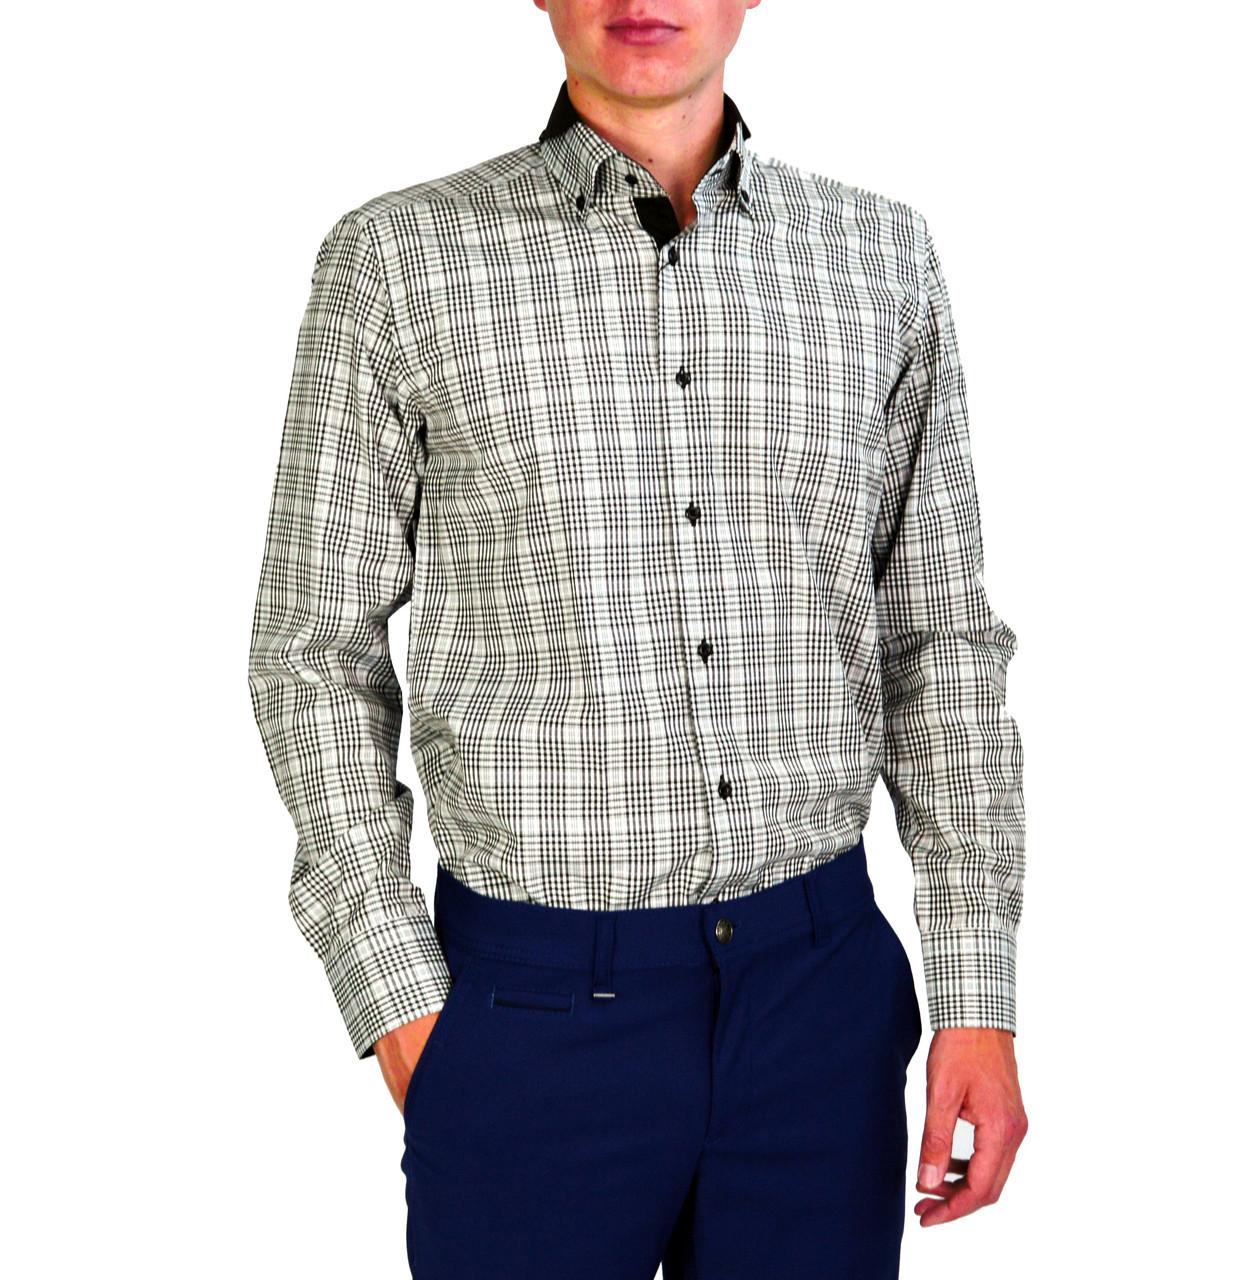 Мужская рубашка классическая PALMEN в черно-белую клетку